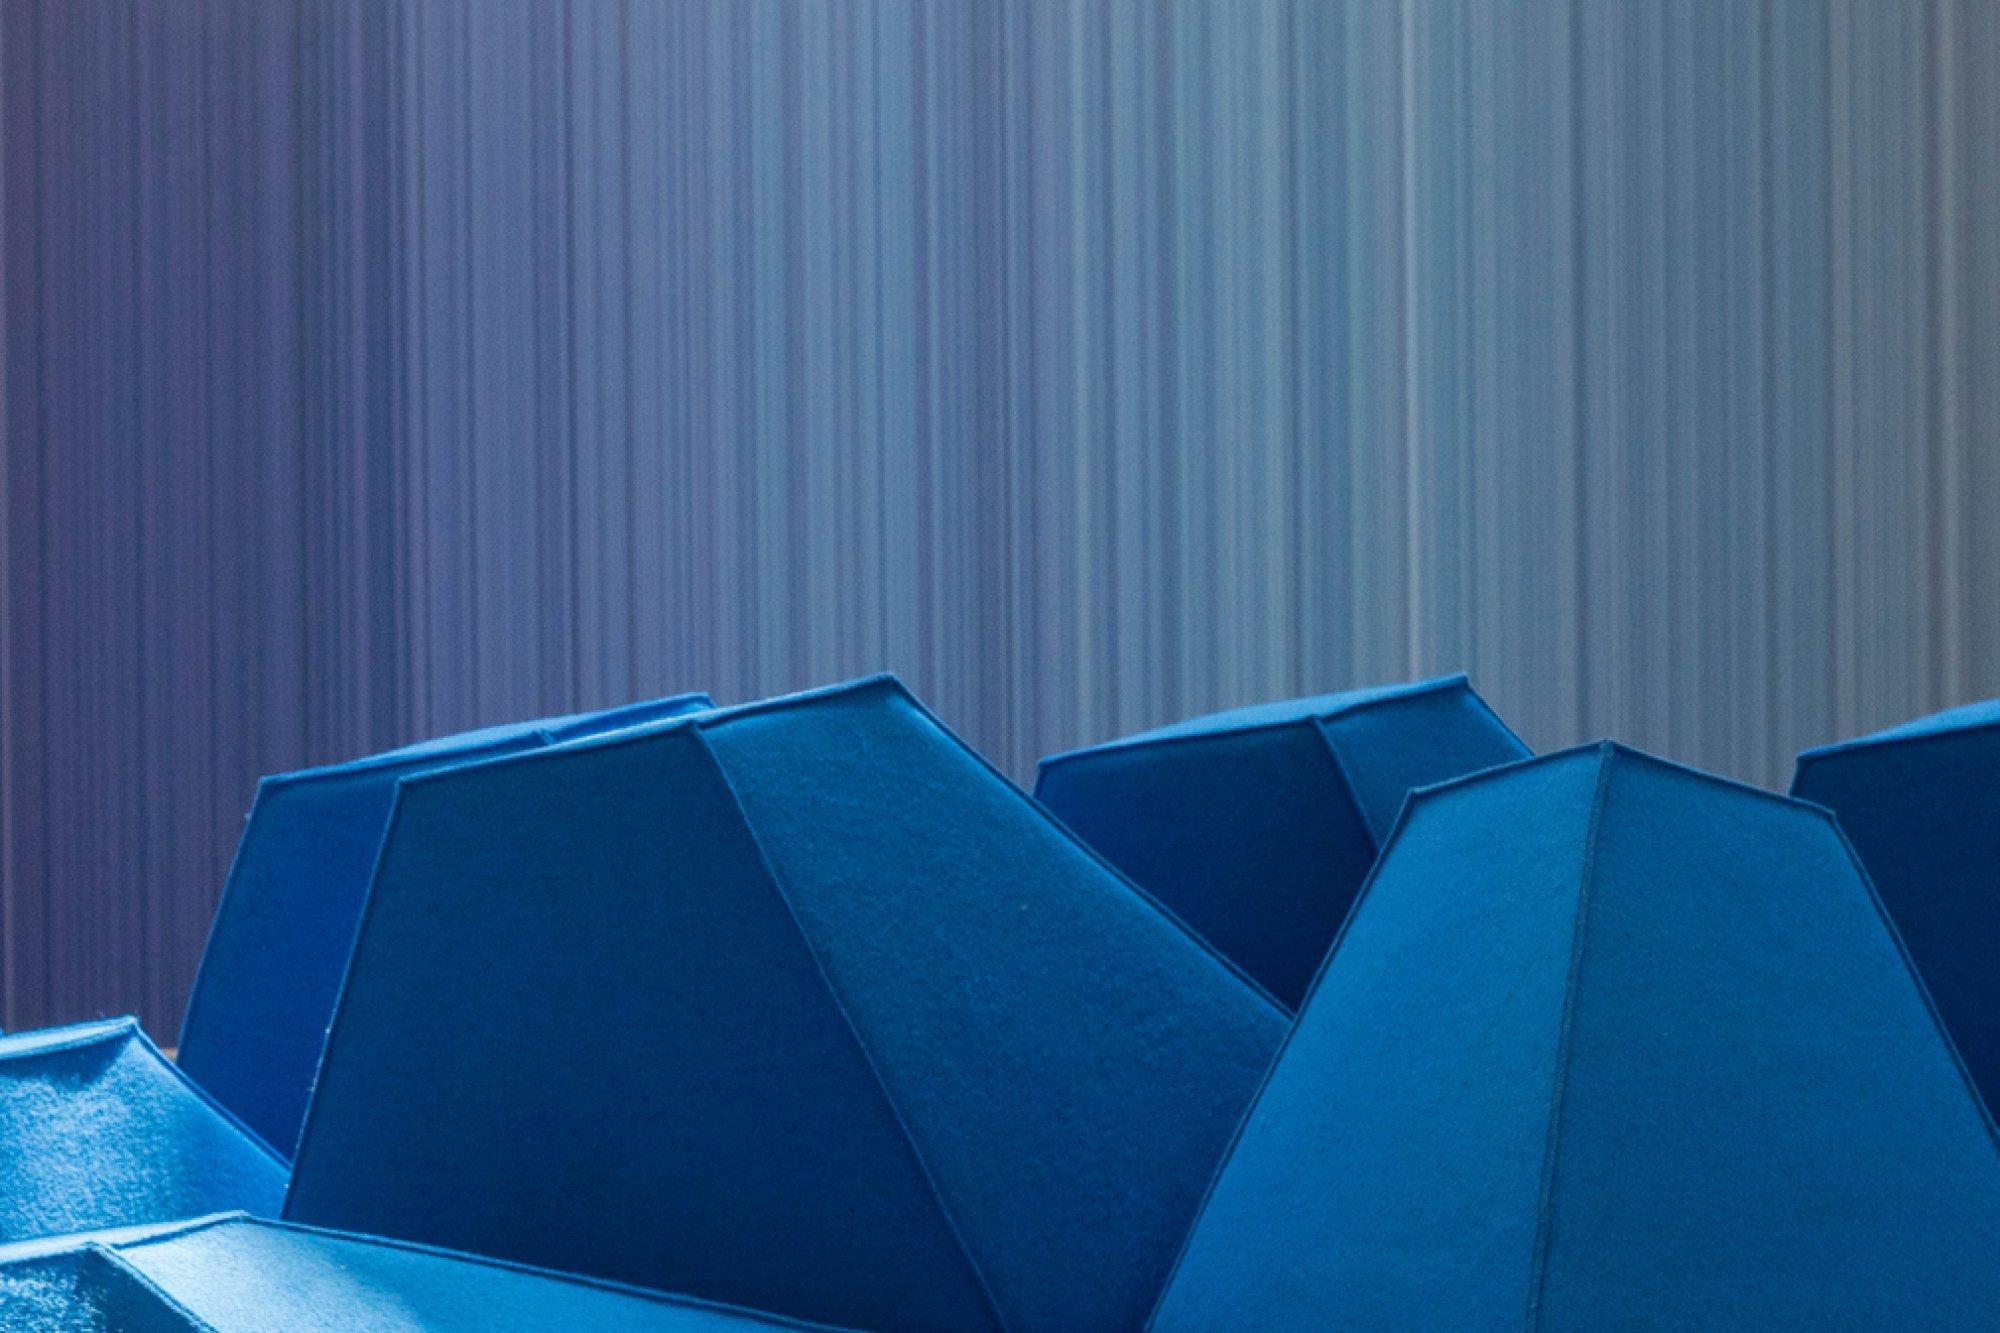 Musée Du0027art Moderne Et Du0027art Contemporain   Les Angles. U003e